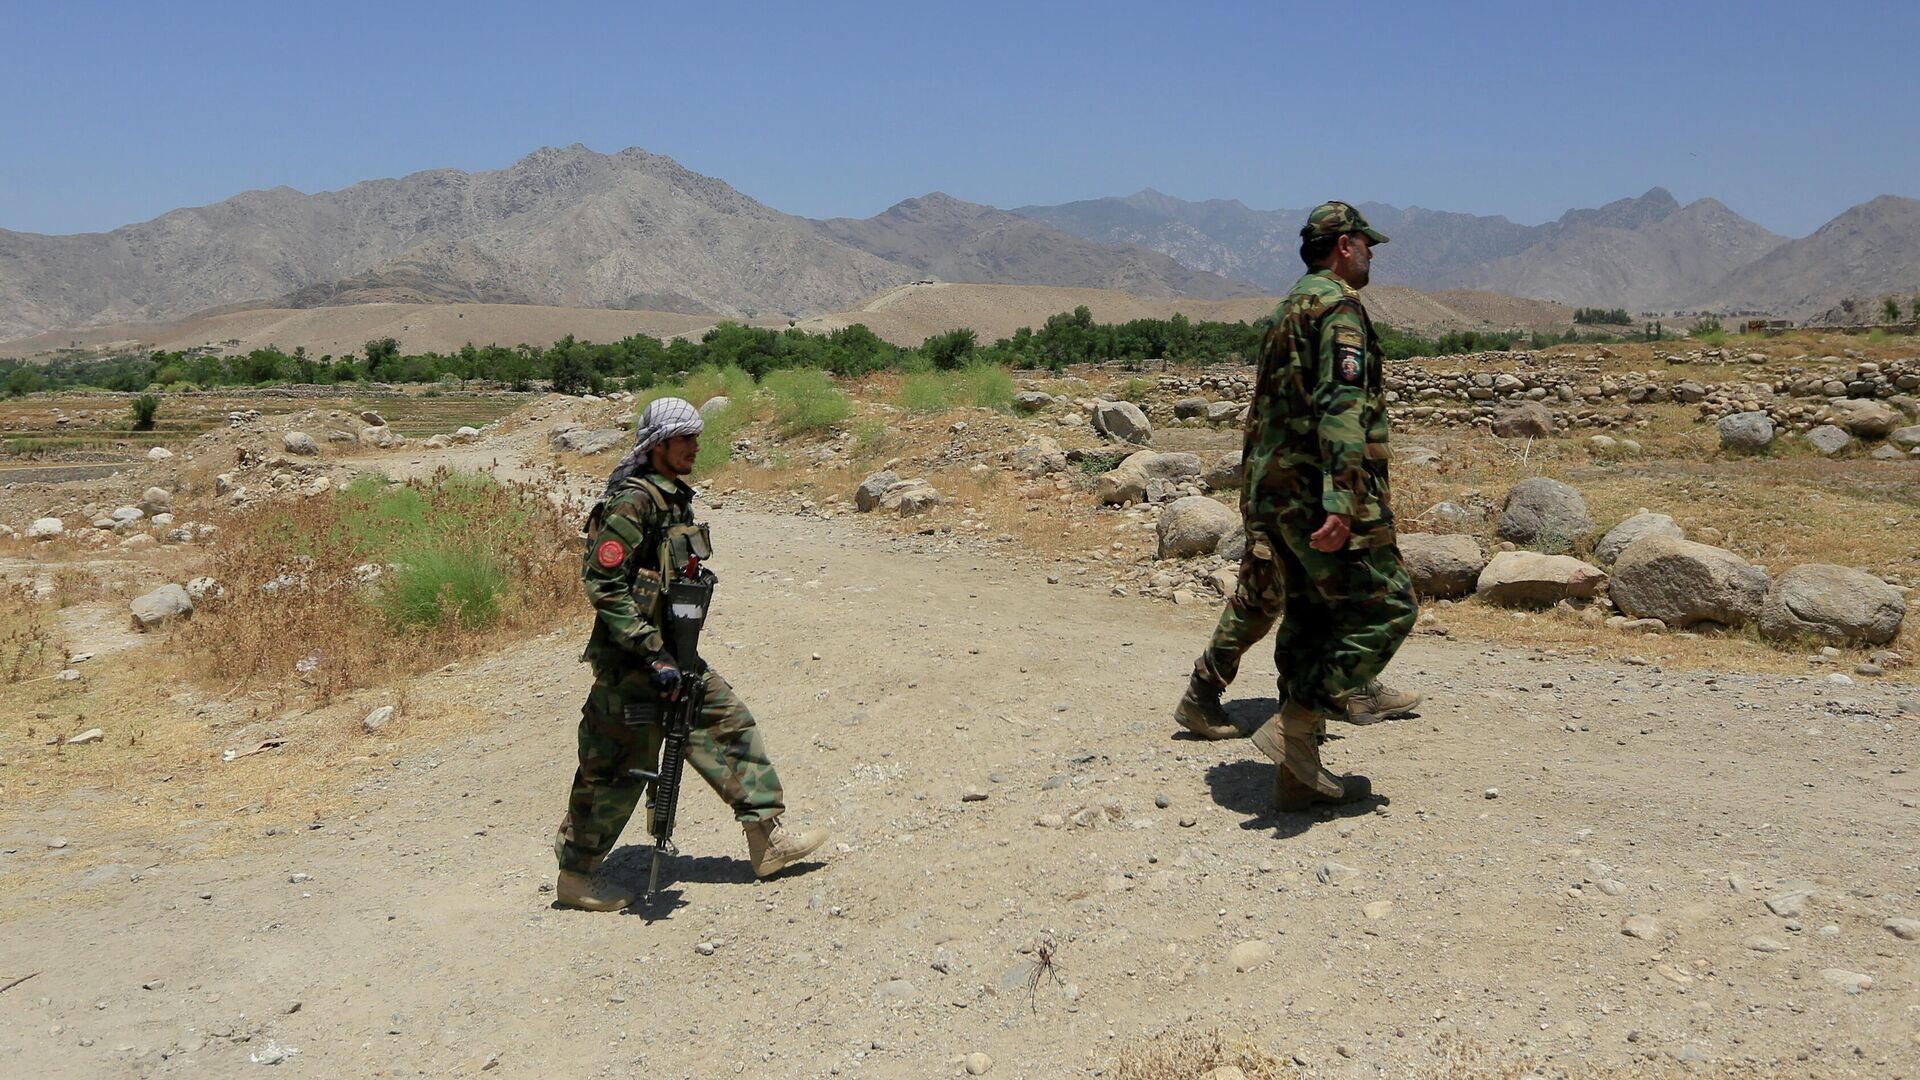 Военнослужащие Афганской национальной армии патрулируют территорию возле контрольно-пропускного пункта, отбитого у талибов, в провинции Лагман - РИА Новости, 1920, 04.08.2021